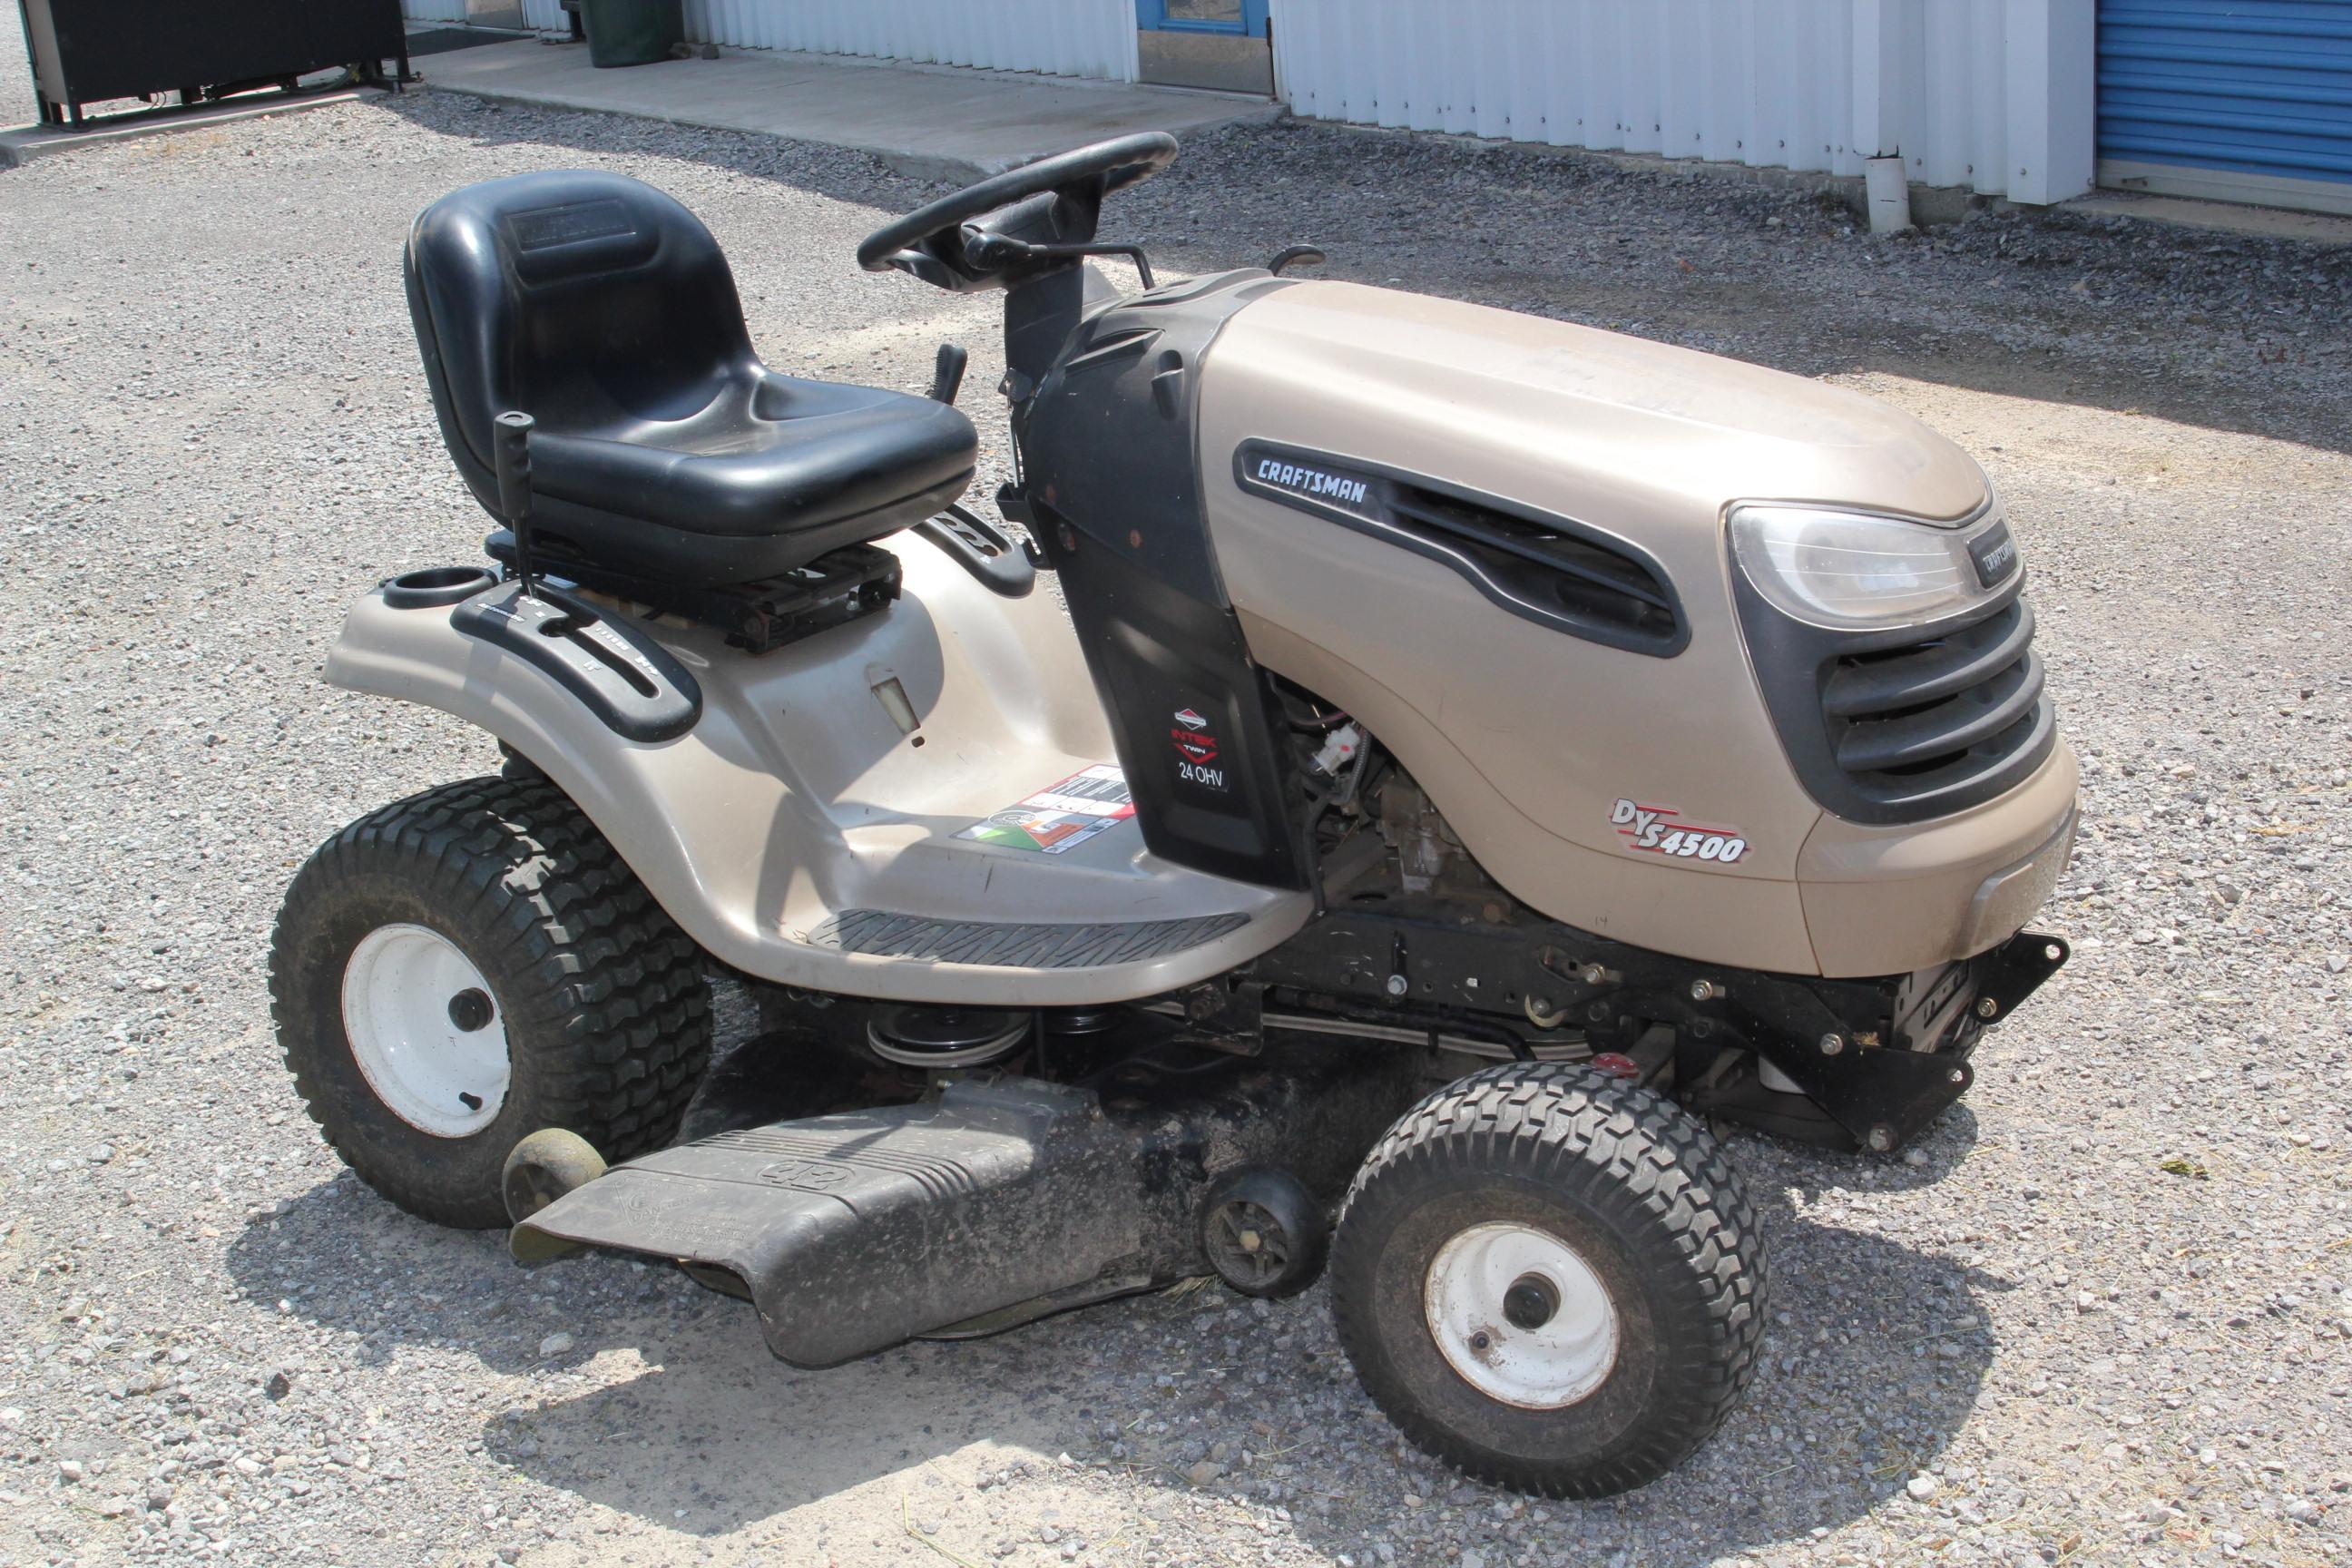 Sear Craftsman Sears Dys 4500 Yard Tractor Garden Lawn Meadville Pa